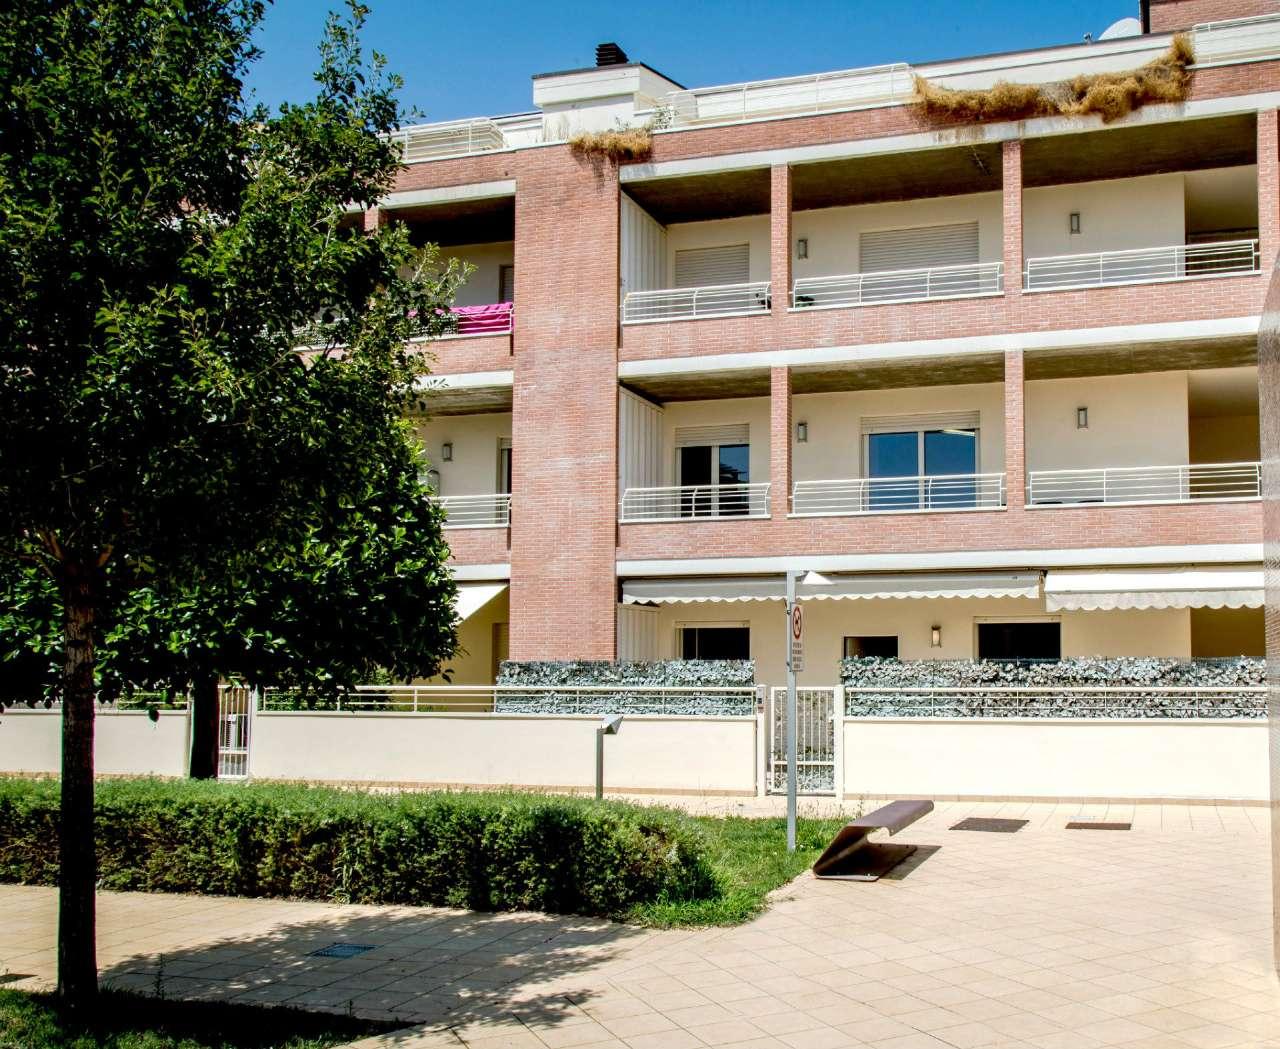 Appartamento in vendita a Pineto, 3 locali, prezzo € 270.000 | Cambio Casa.it